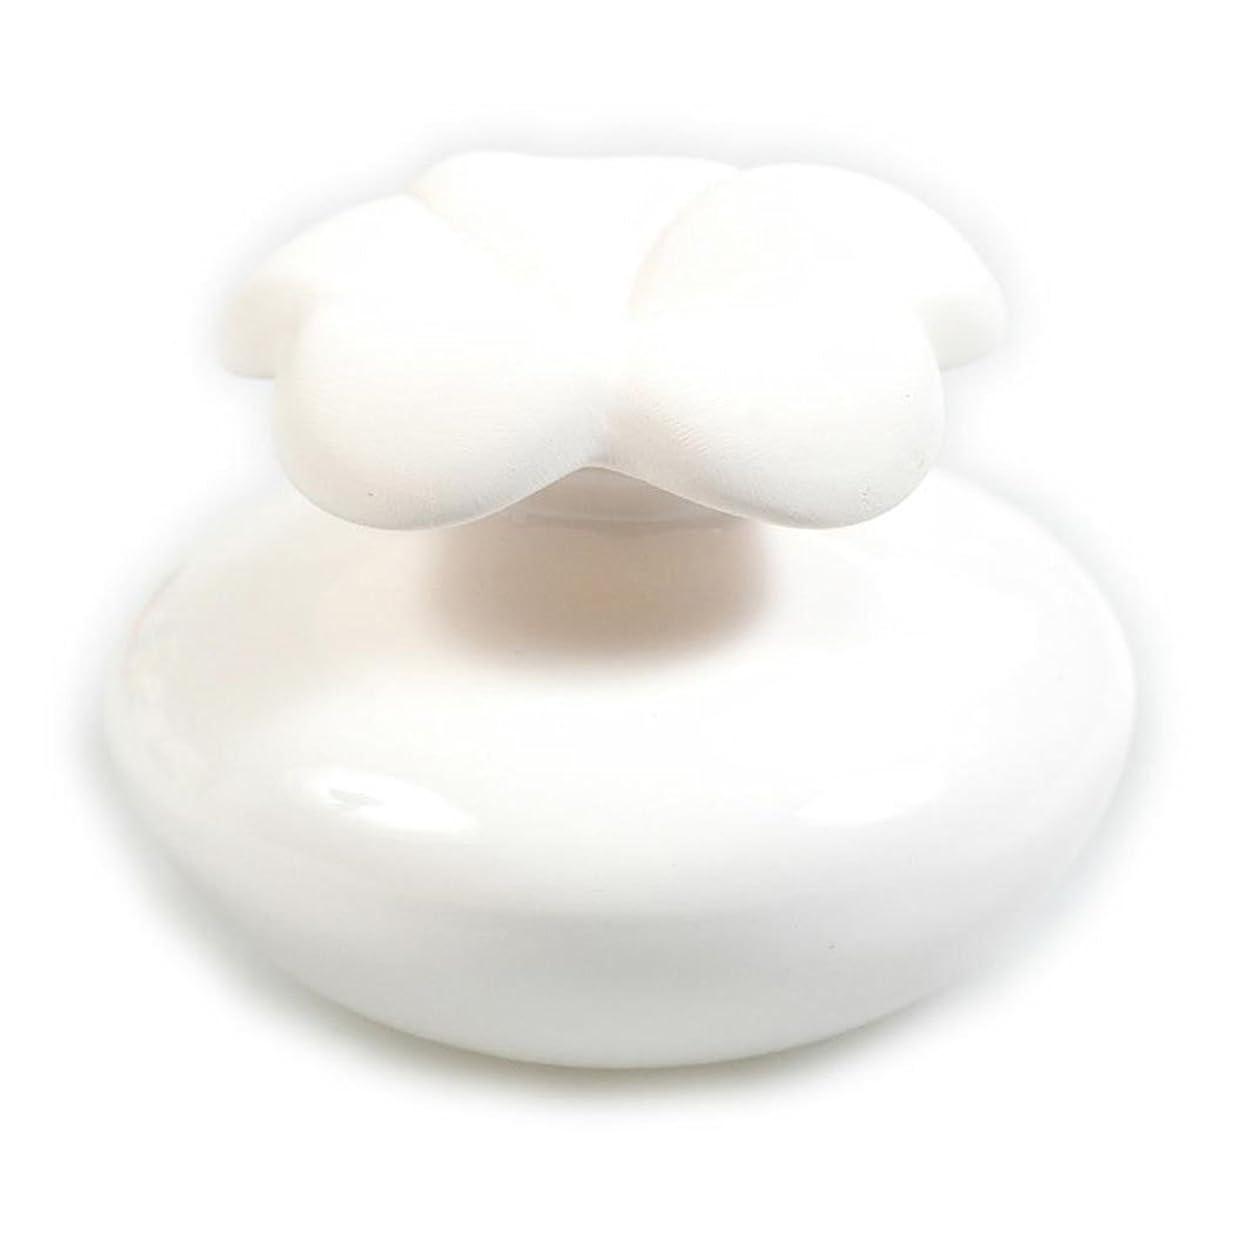 建築家意見転用Millefiori FIORE ルームフレグランス用 花の形のセラミックディフューザー Sサイズ ホワイト LDIF-FS-001